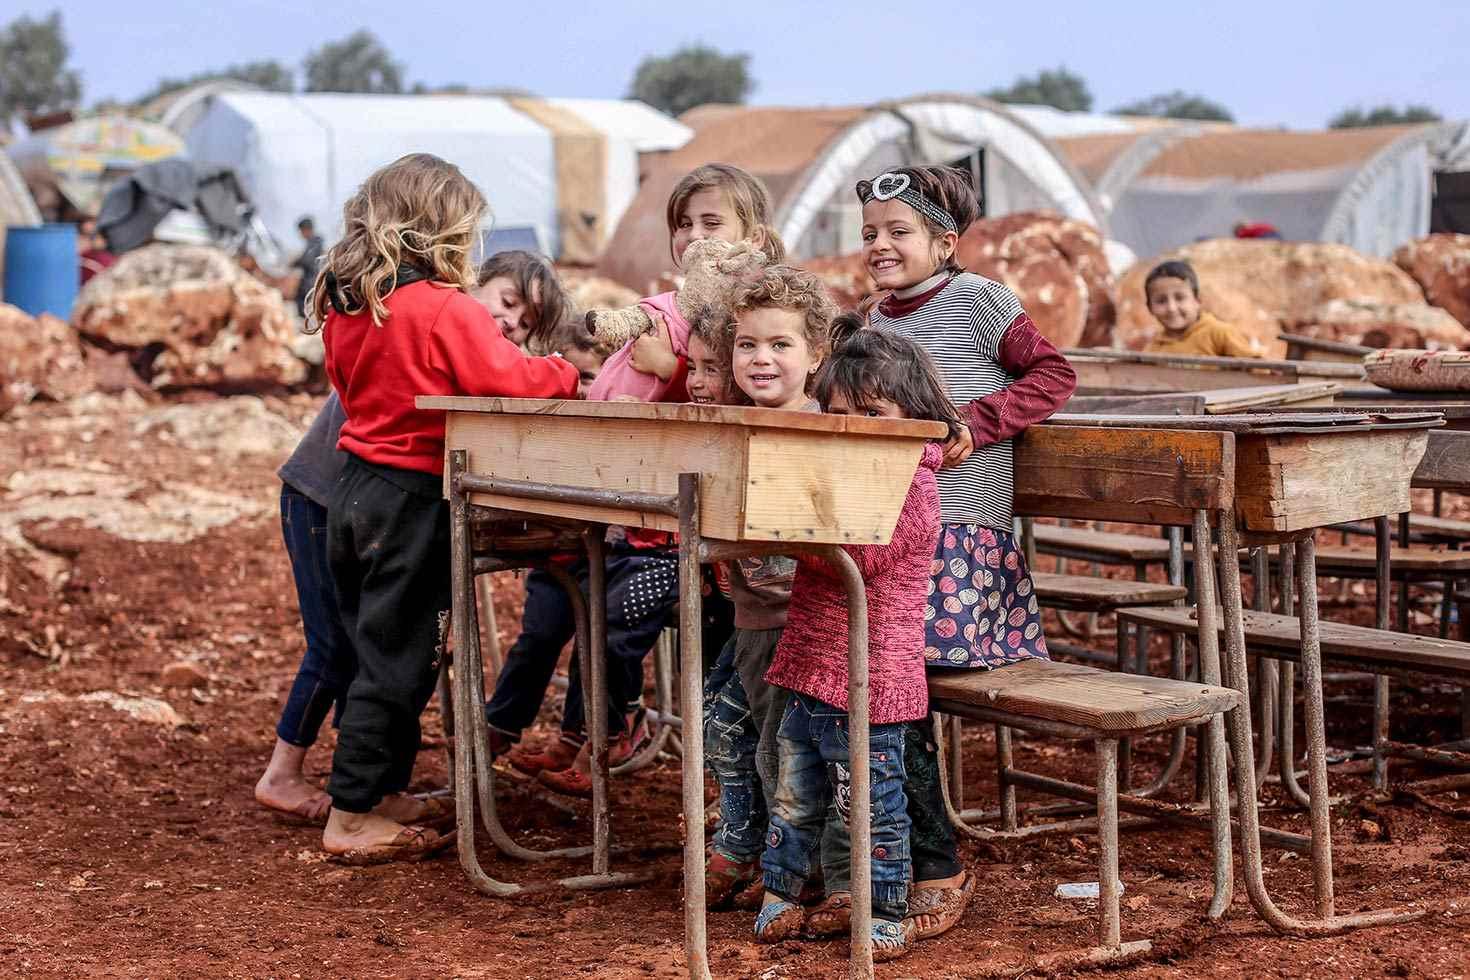 أطفال في مخيم أنشأ مؤخرًا في قرية القح، على بعد حوالي ثلاثة كيلومترات من الحدود السورية التركية، حيث أنشأت العديد من المخيمات الصغيرة غير الرسمية من قبل الأسر، التي تبحث عن الأمان من القصف المتزايد في ريف إدلب الجنوبي- كانون الثاني 2019 (يونيسيف)